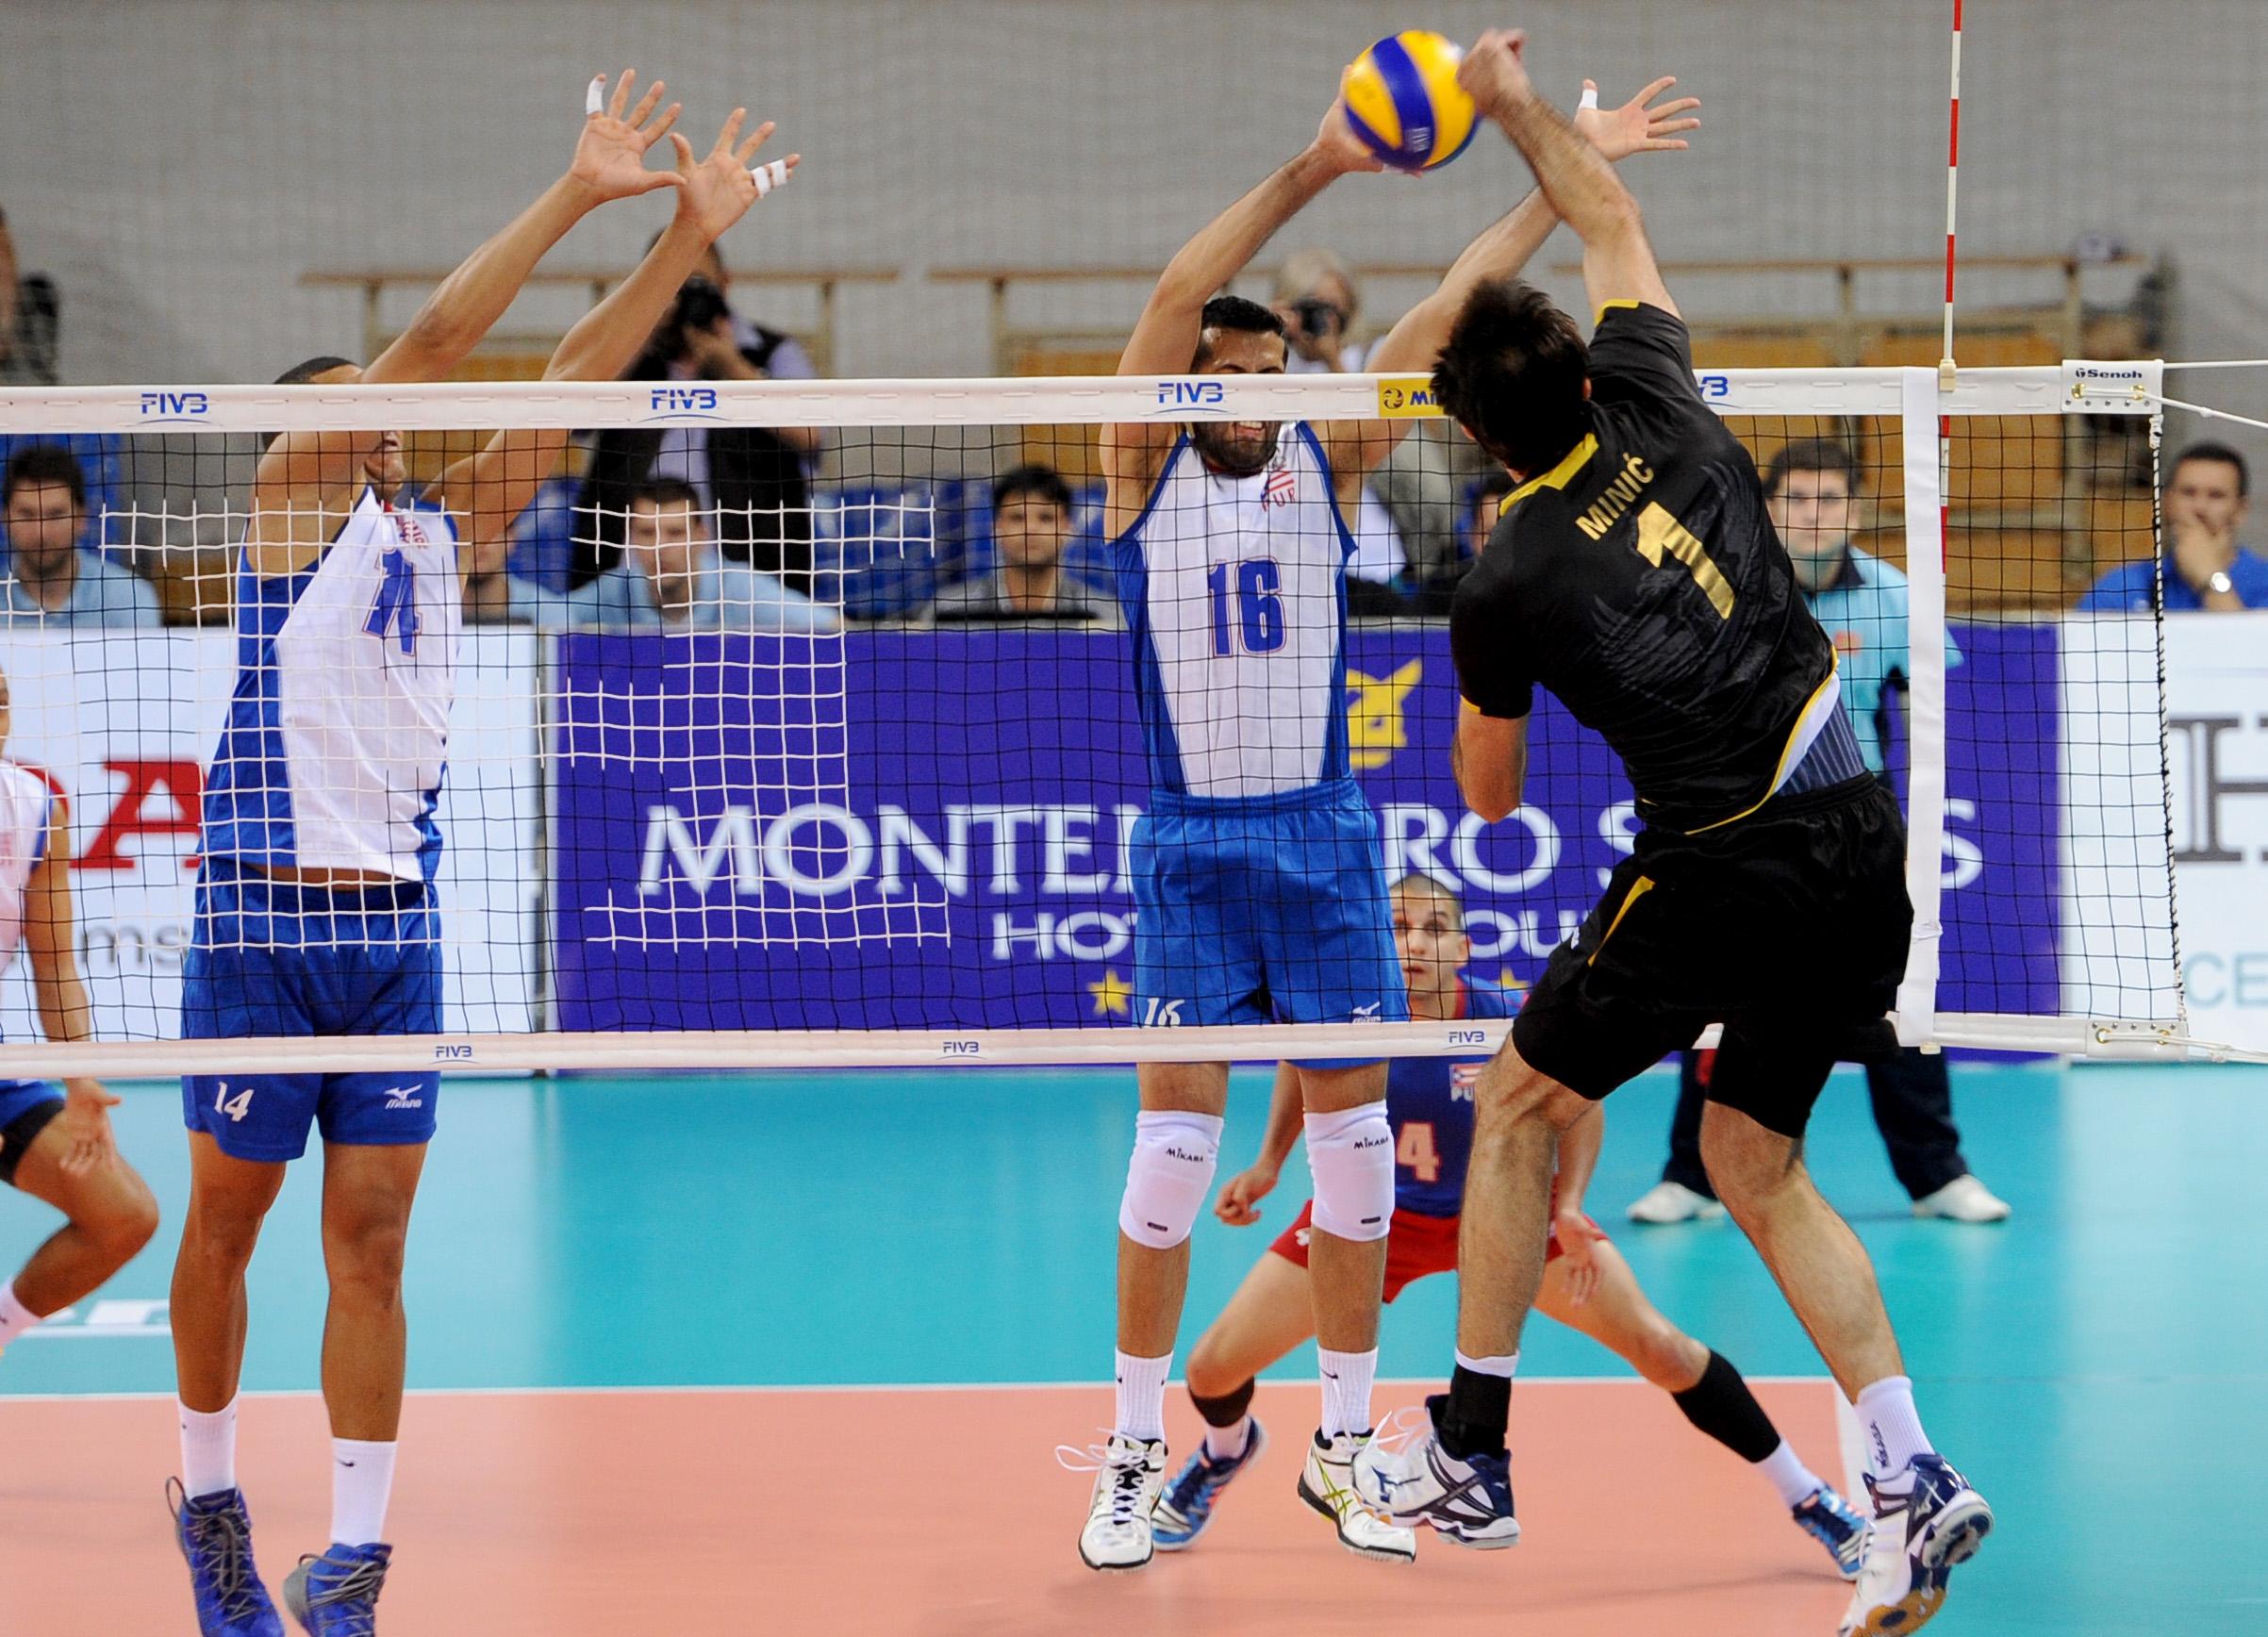 Montenegro supera a los boricuas